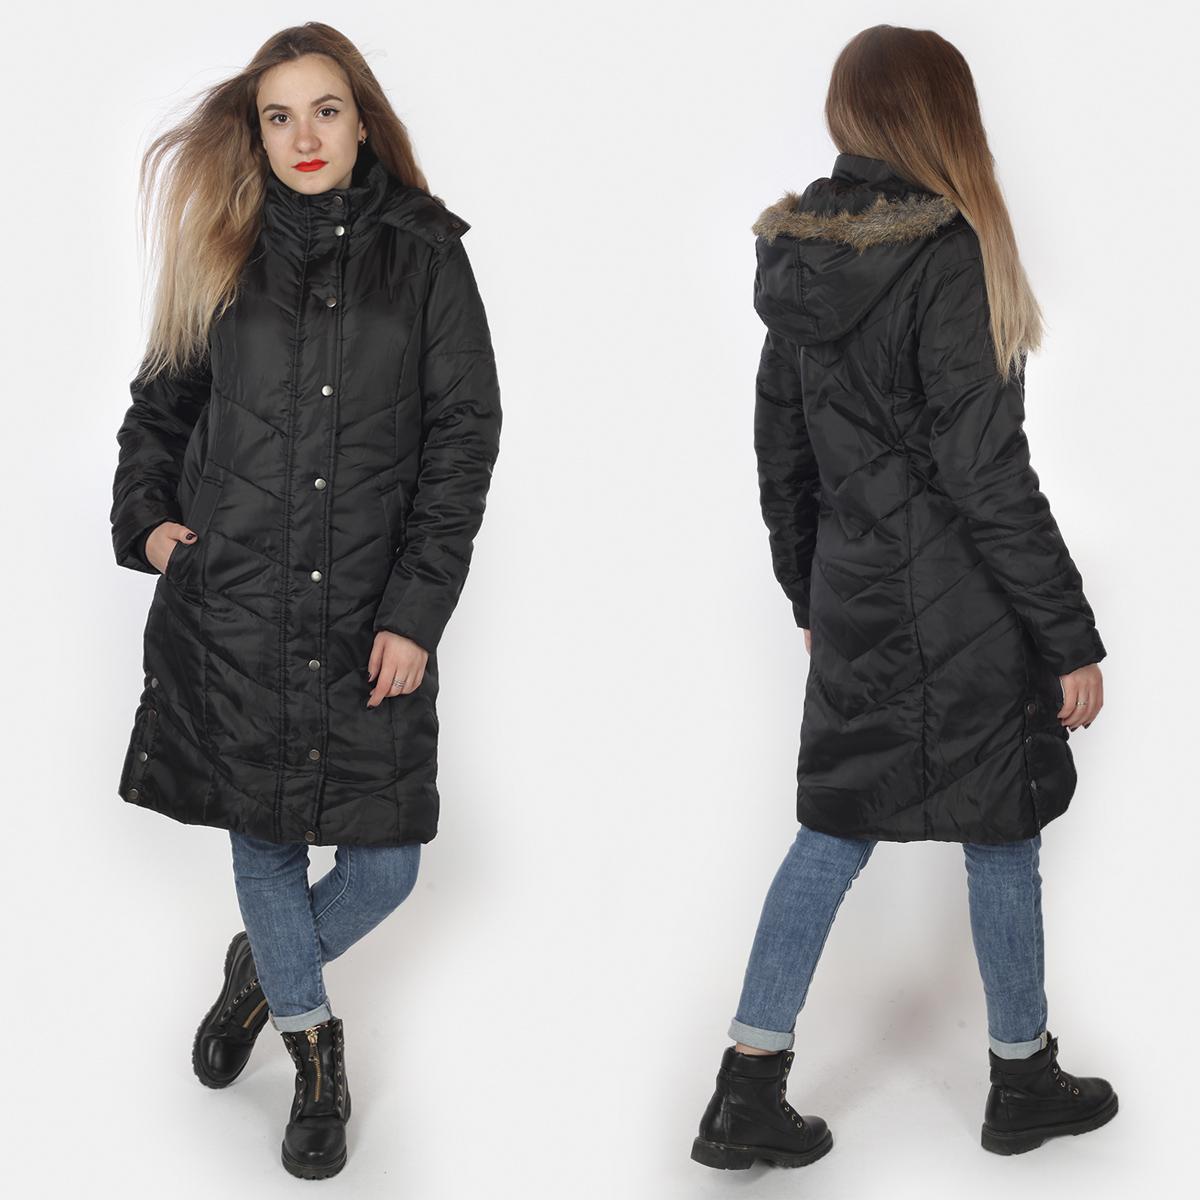 10da695e41e Модная женская куртка-пальто от ESMARA® (Германия). Классная осенне-зимняя  модель с капюшоном и удобными карманами! №3665